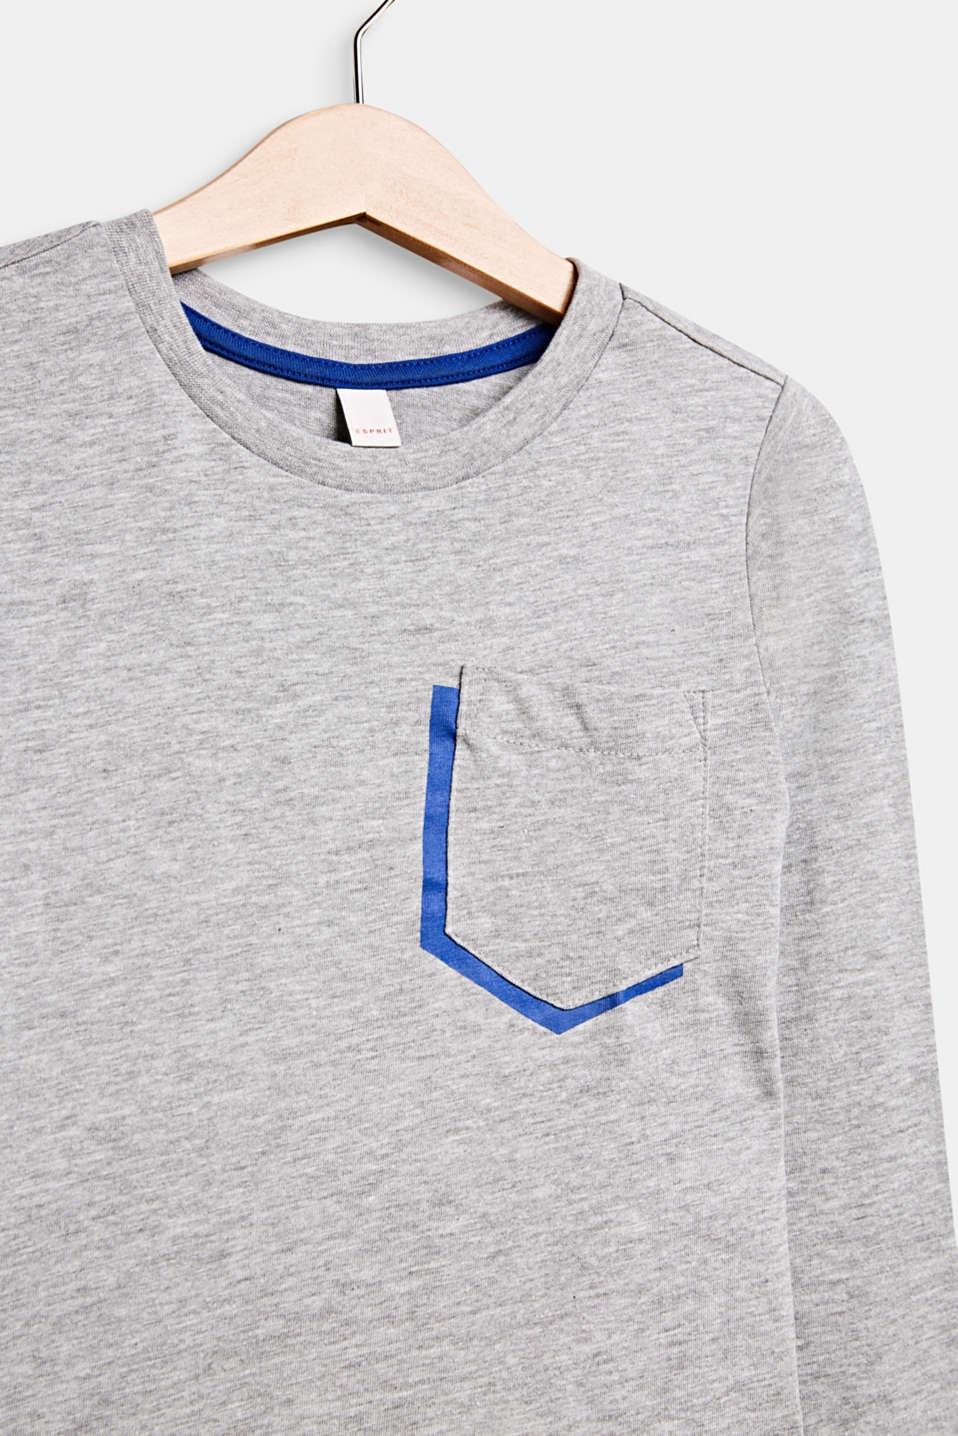 Melange long sleeve top with a pocket, MID HEATHER GR, detail image number 2